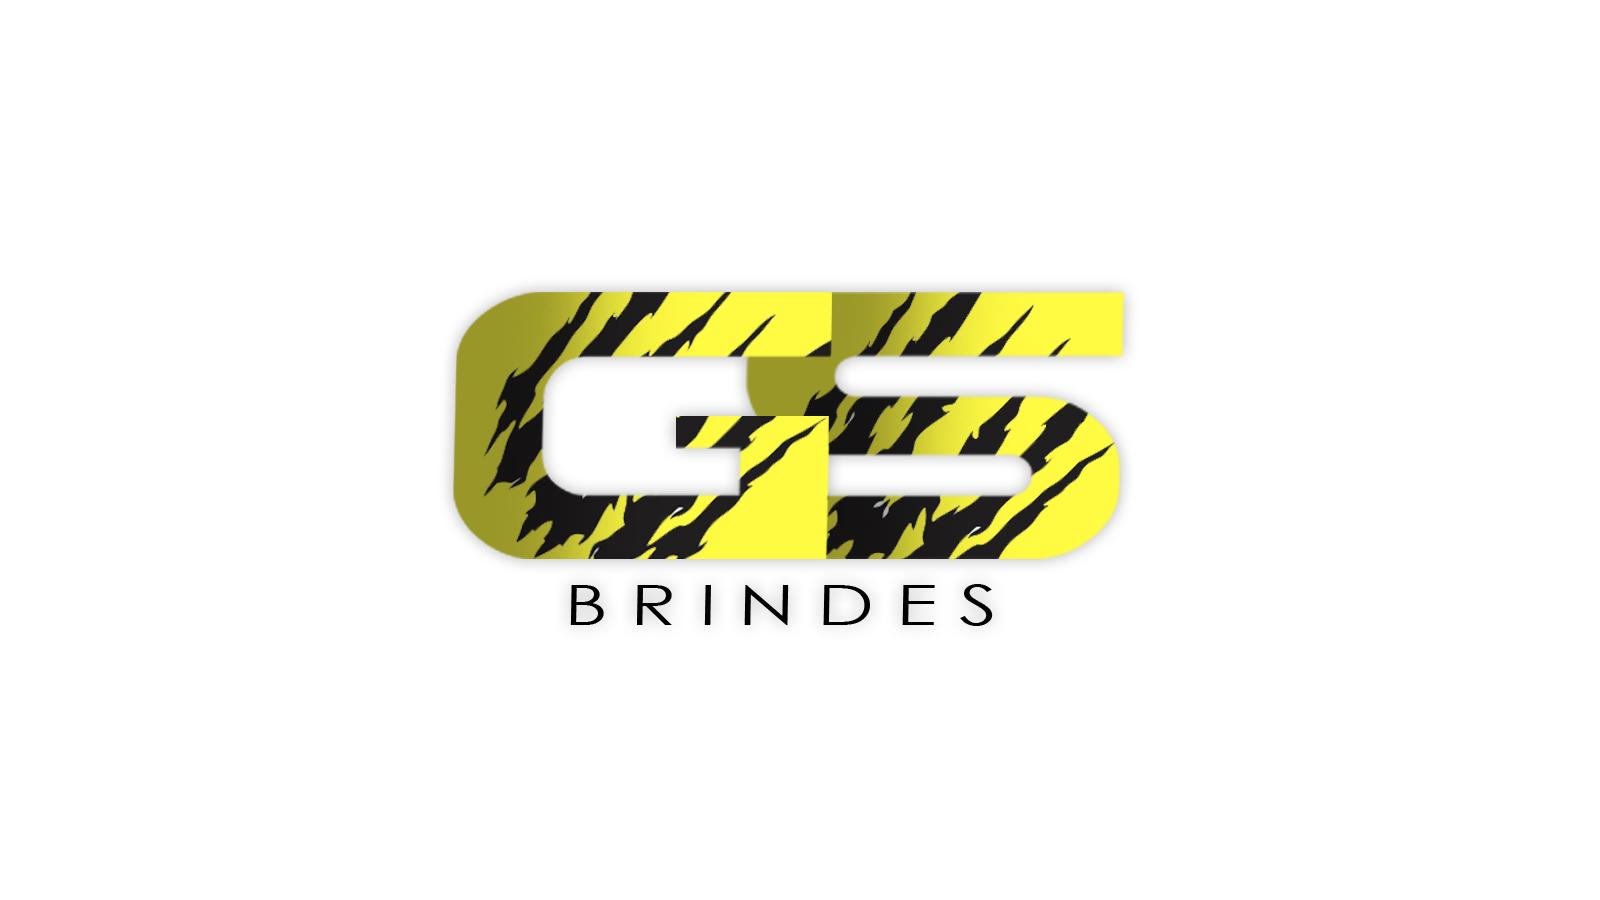 GS BRINDES